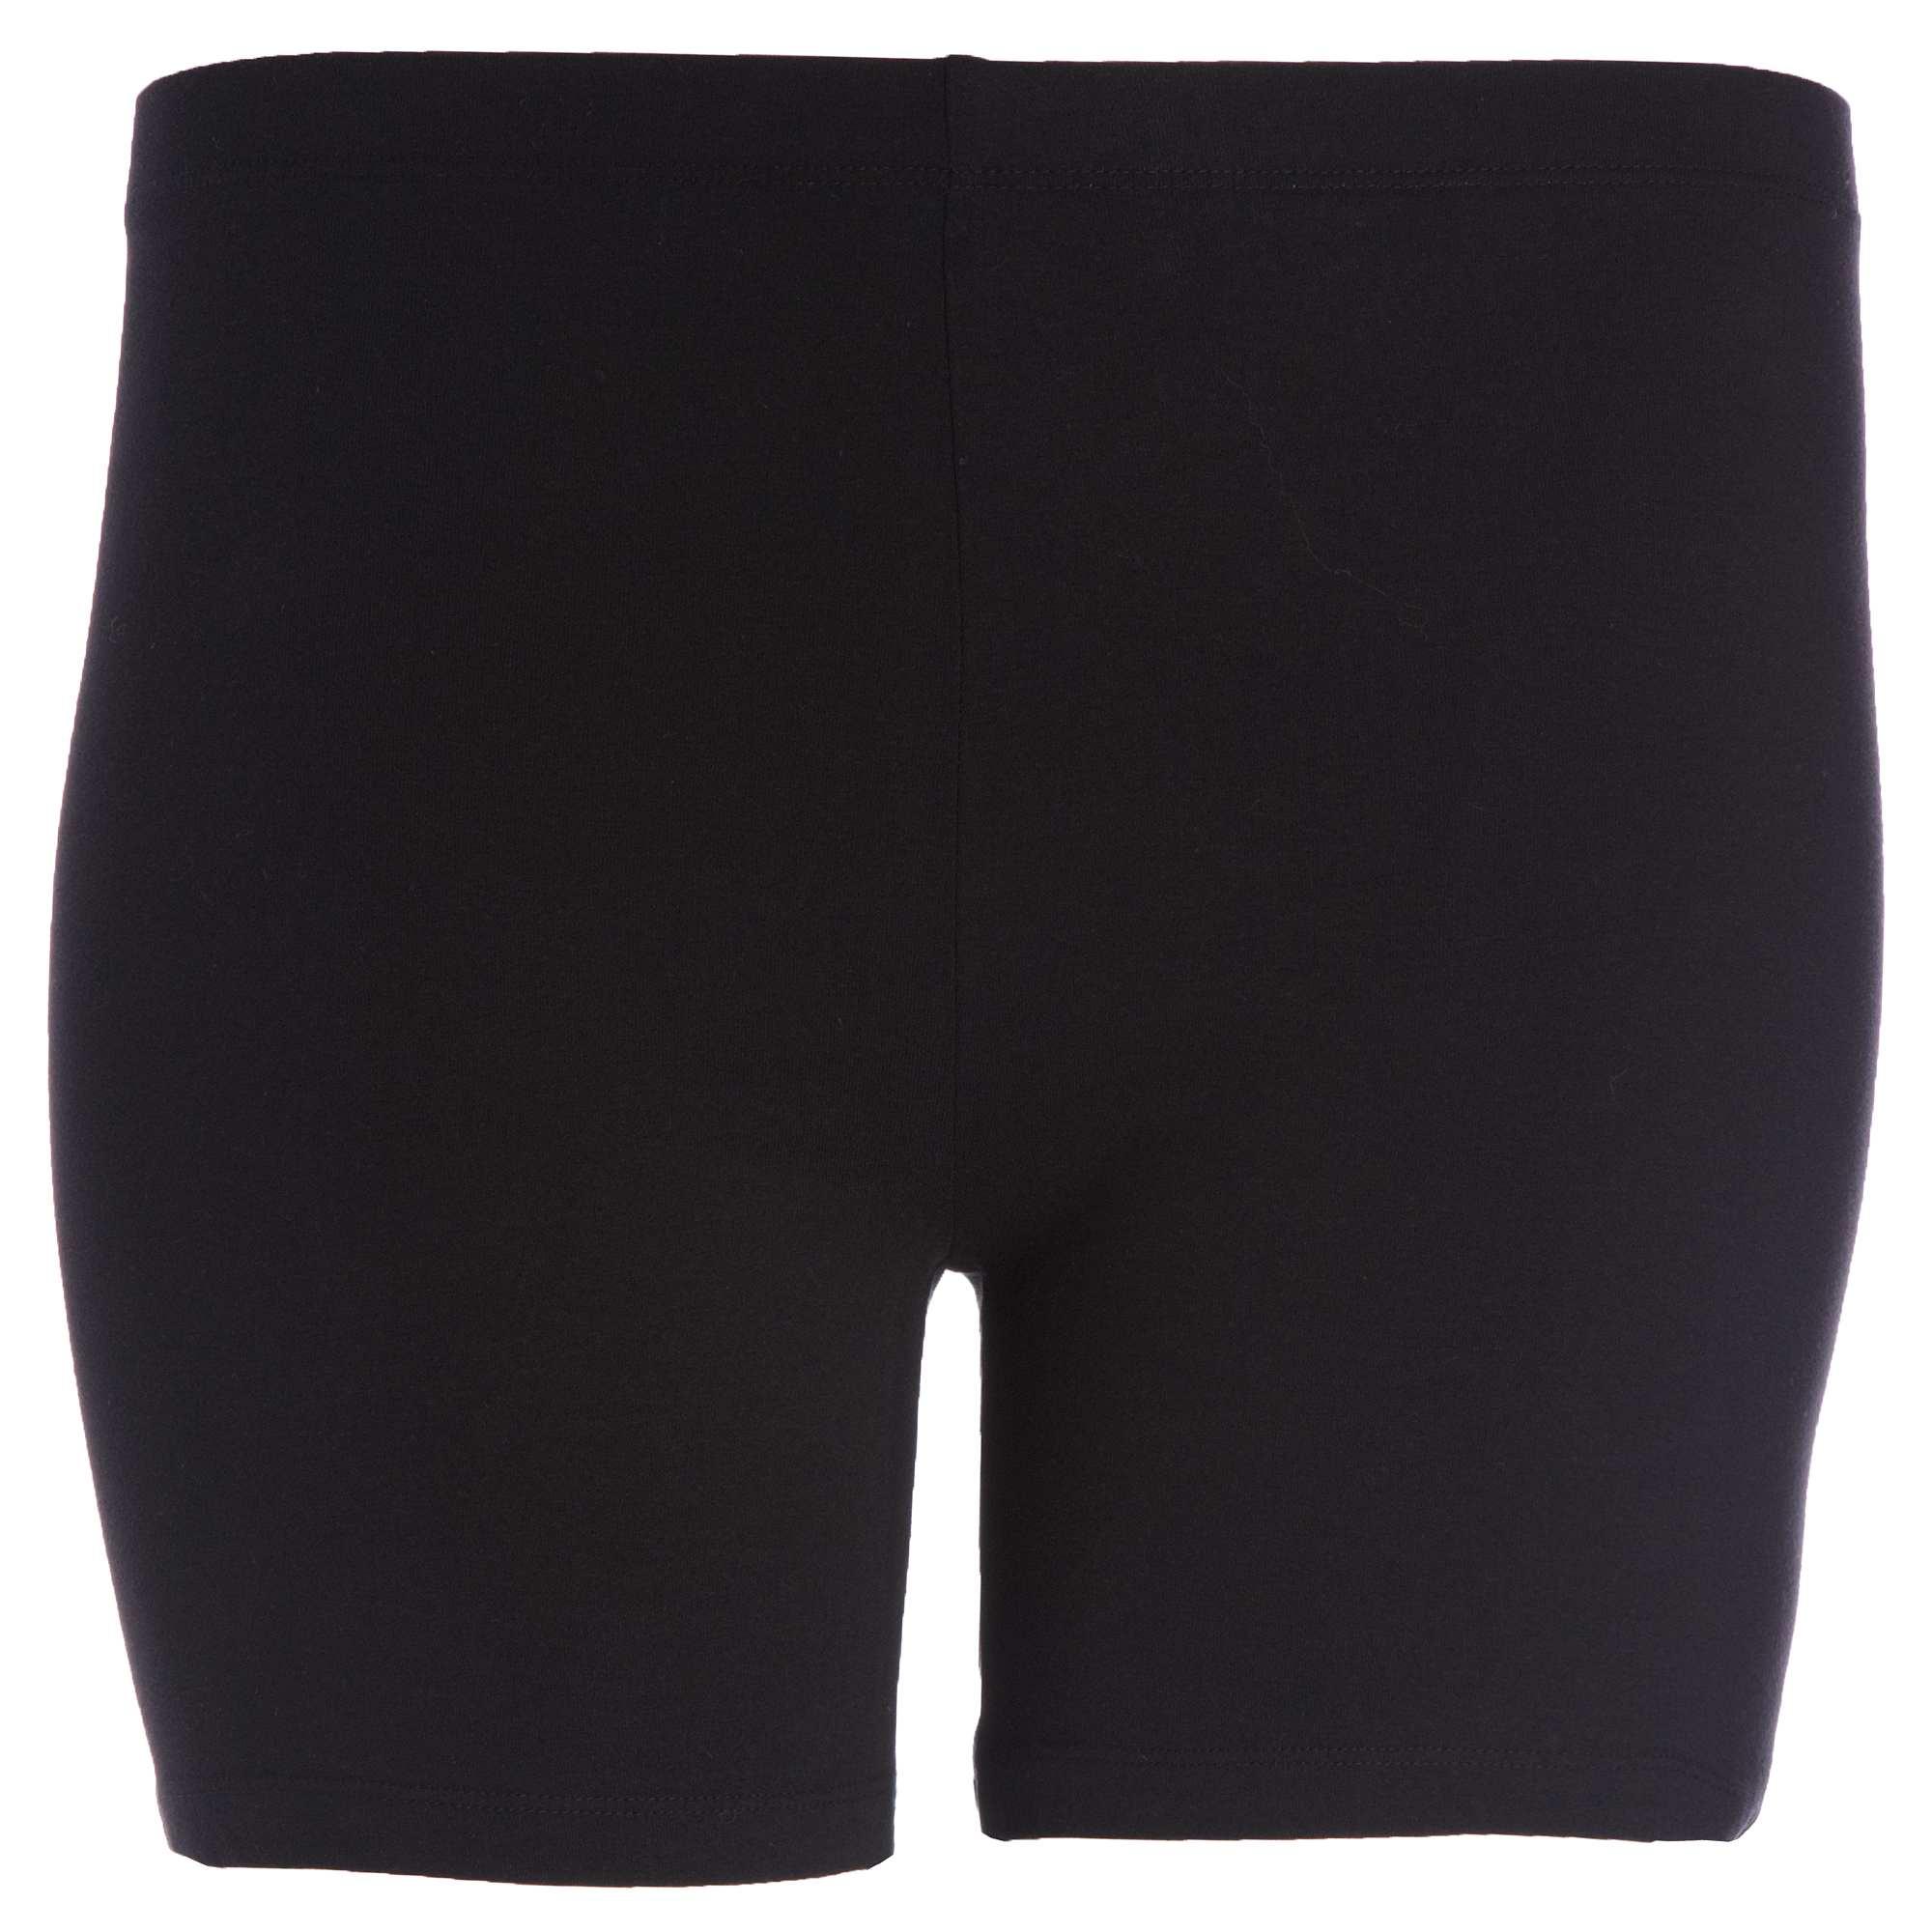 Couleur : noir, , ,, - Taille : 46/48, 54/56, 50/52,58/60,On aime sa matière stretch très agréable à porter. Idéal pour porter sous vos jupes ou